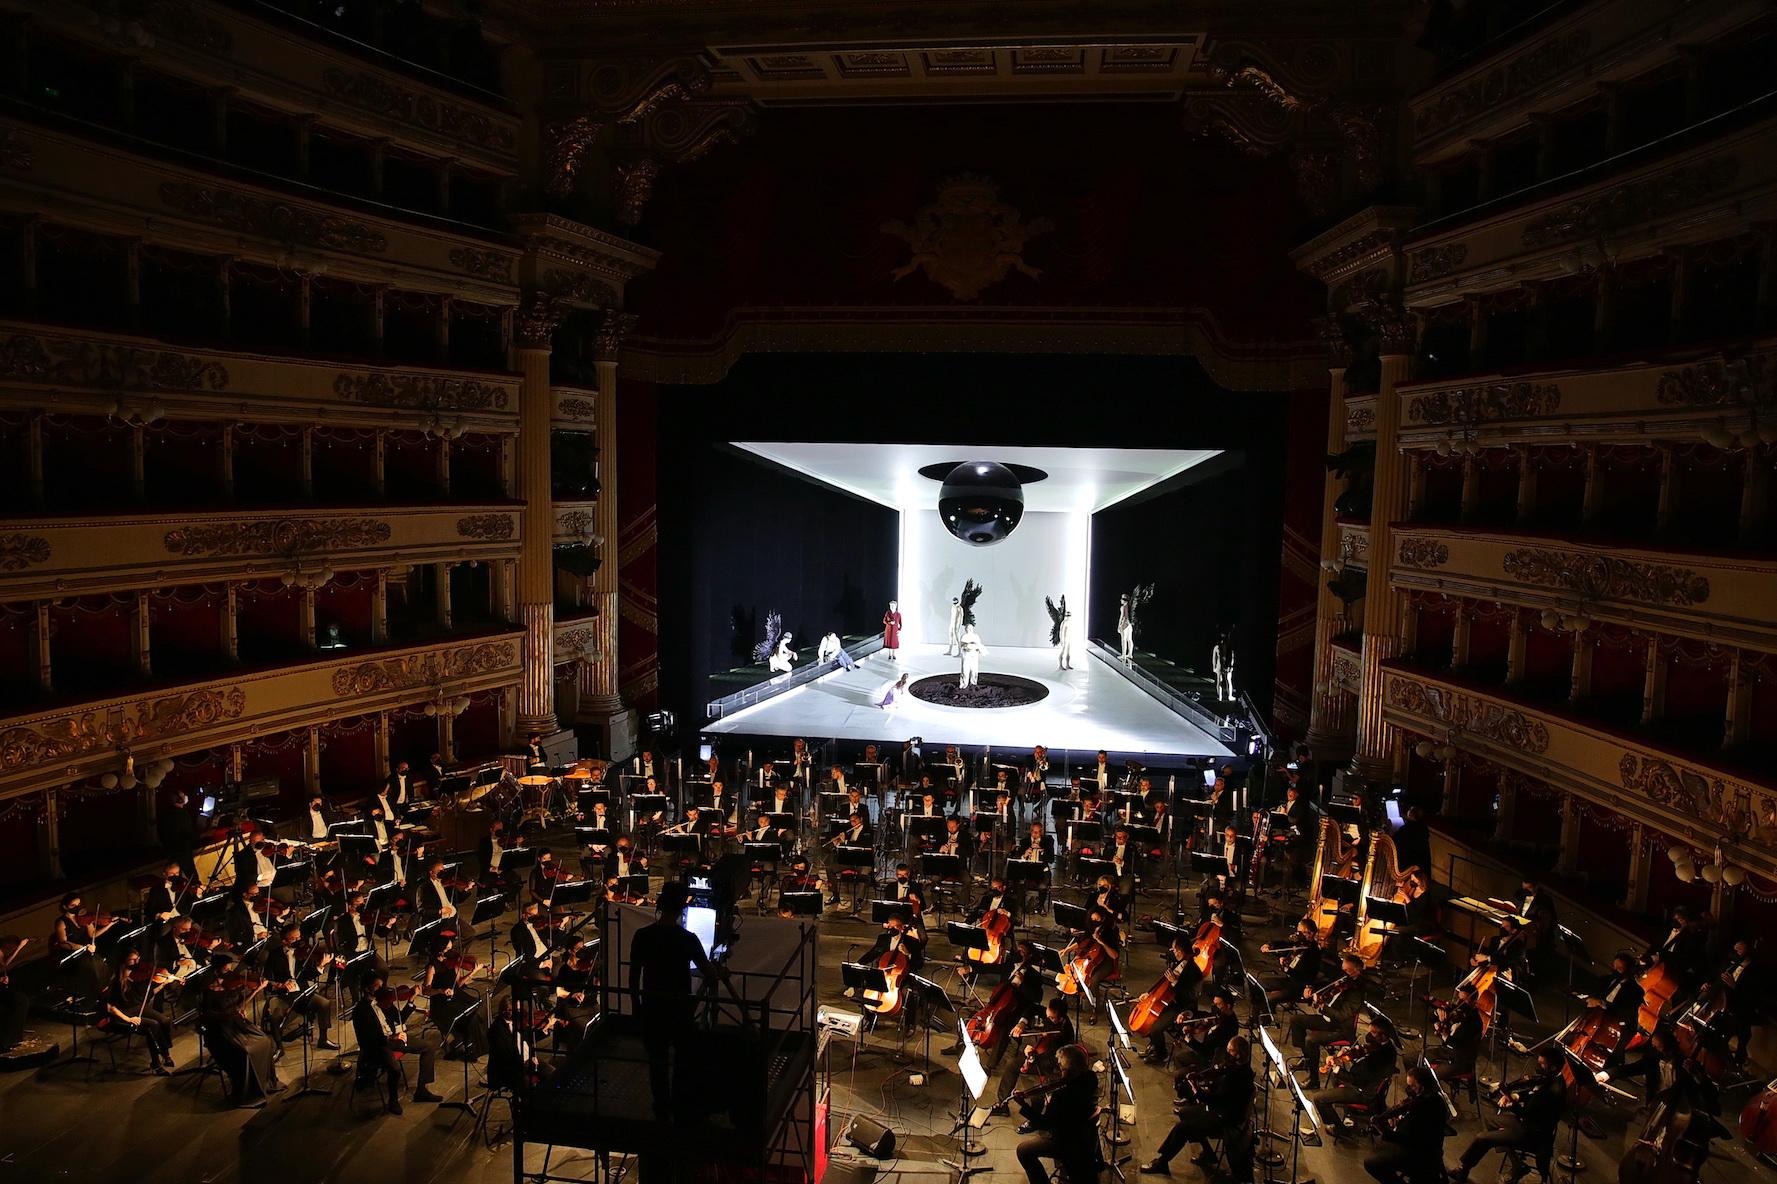 © Brescia, Amisano /Teatro alla Scala